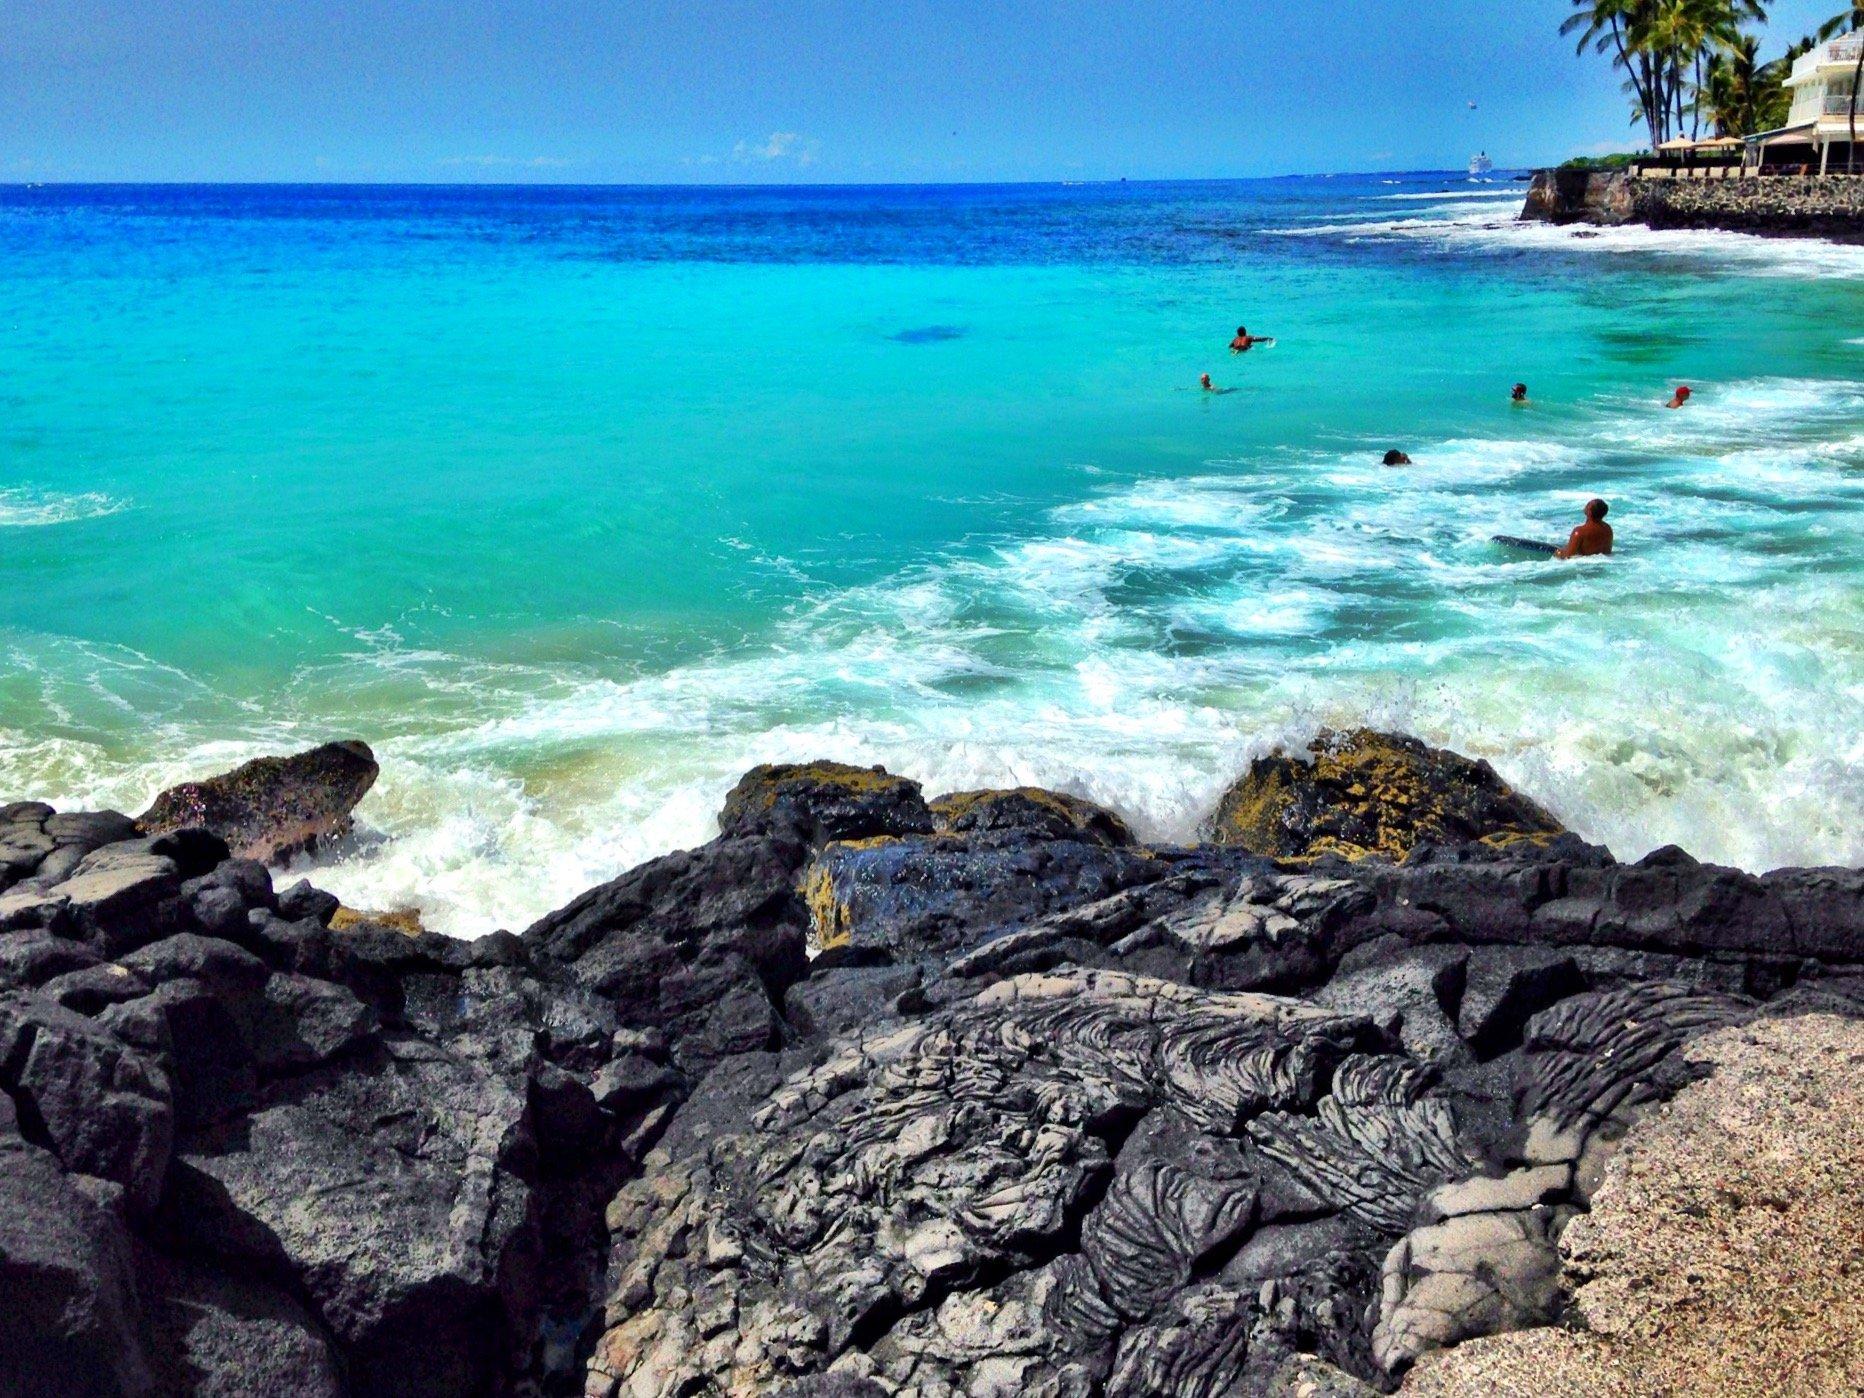 Kona, The Big Island Hawaii